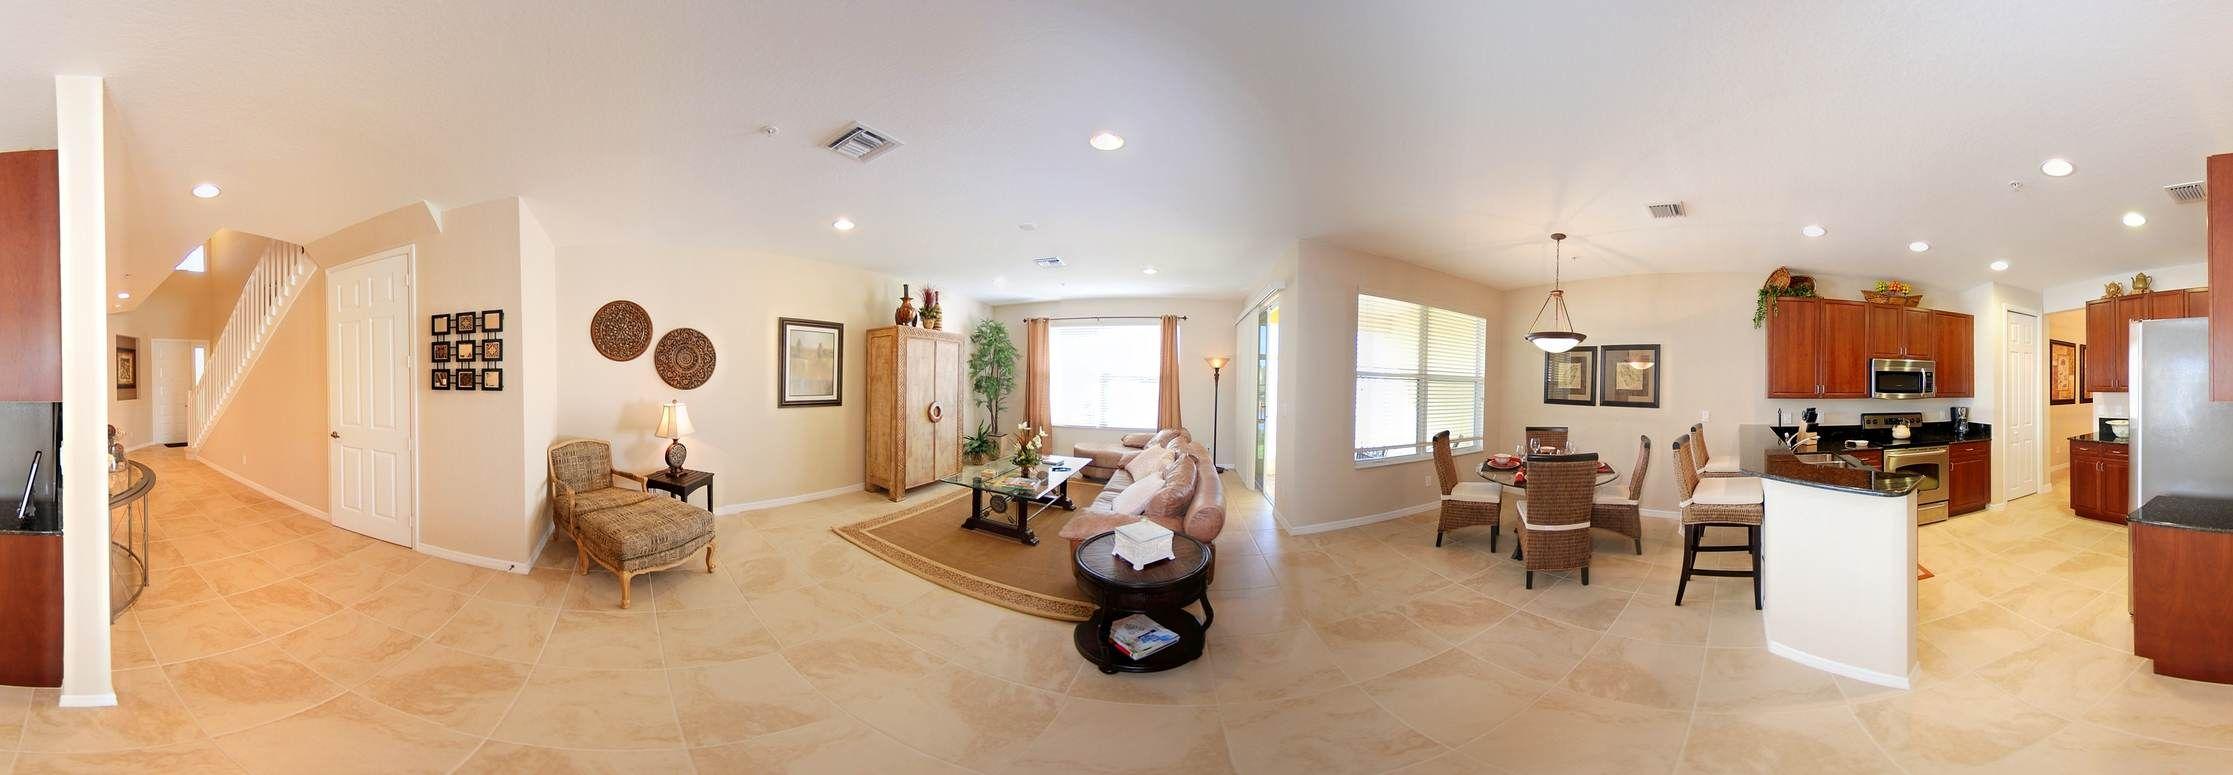 Great Room, Kitchen & Breakfast Room